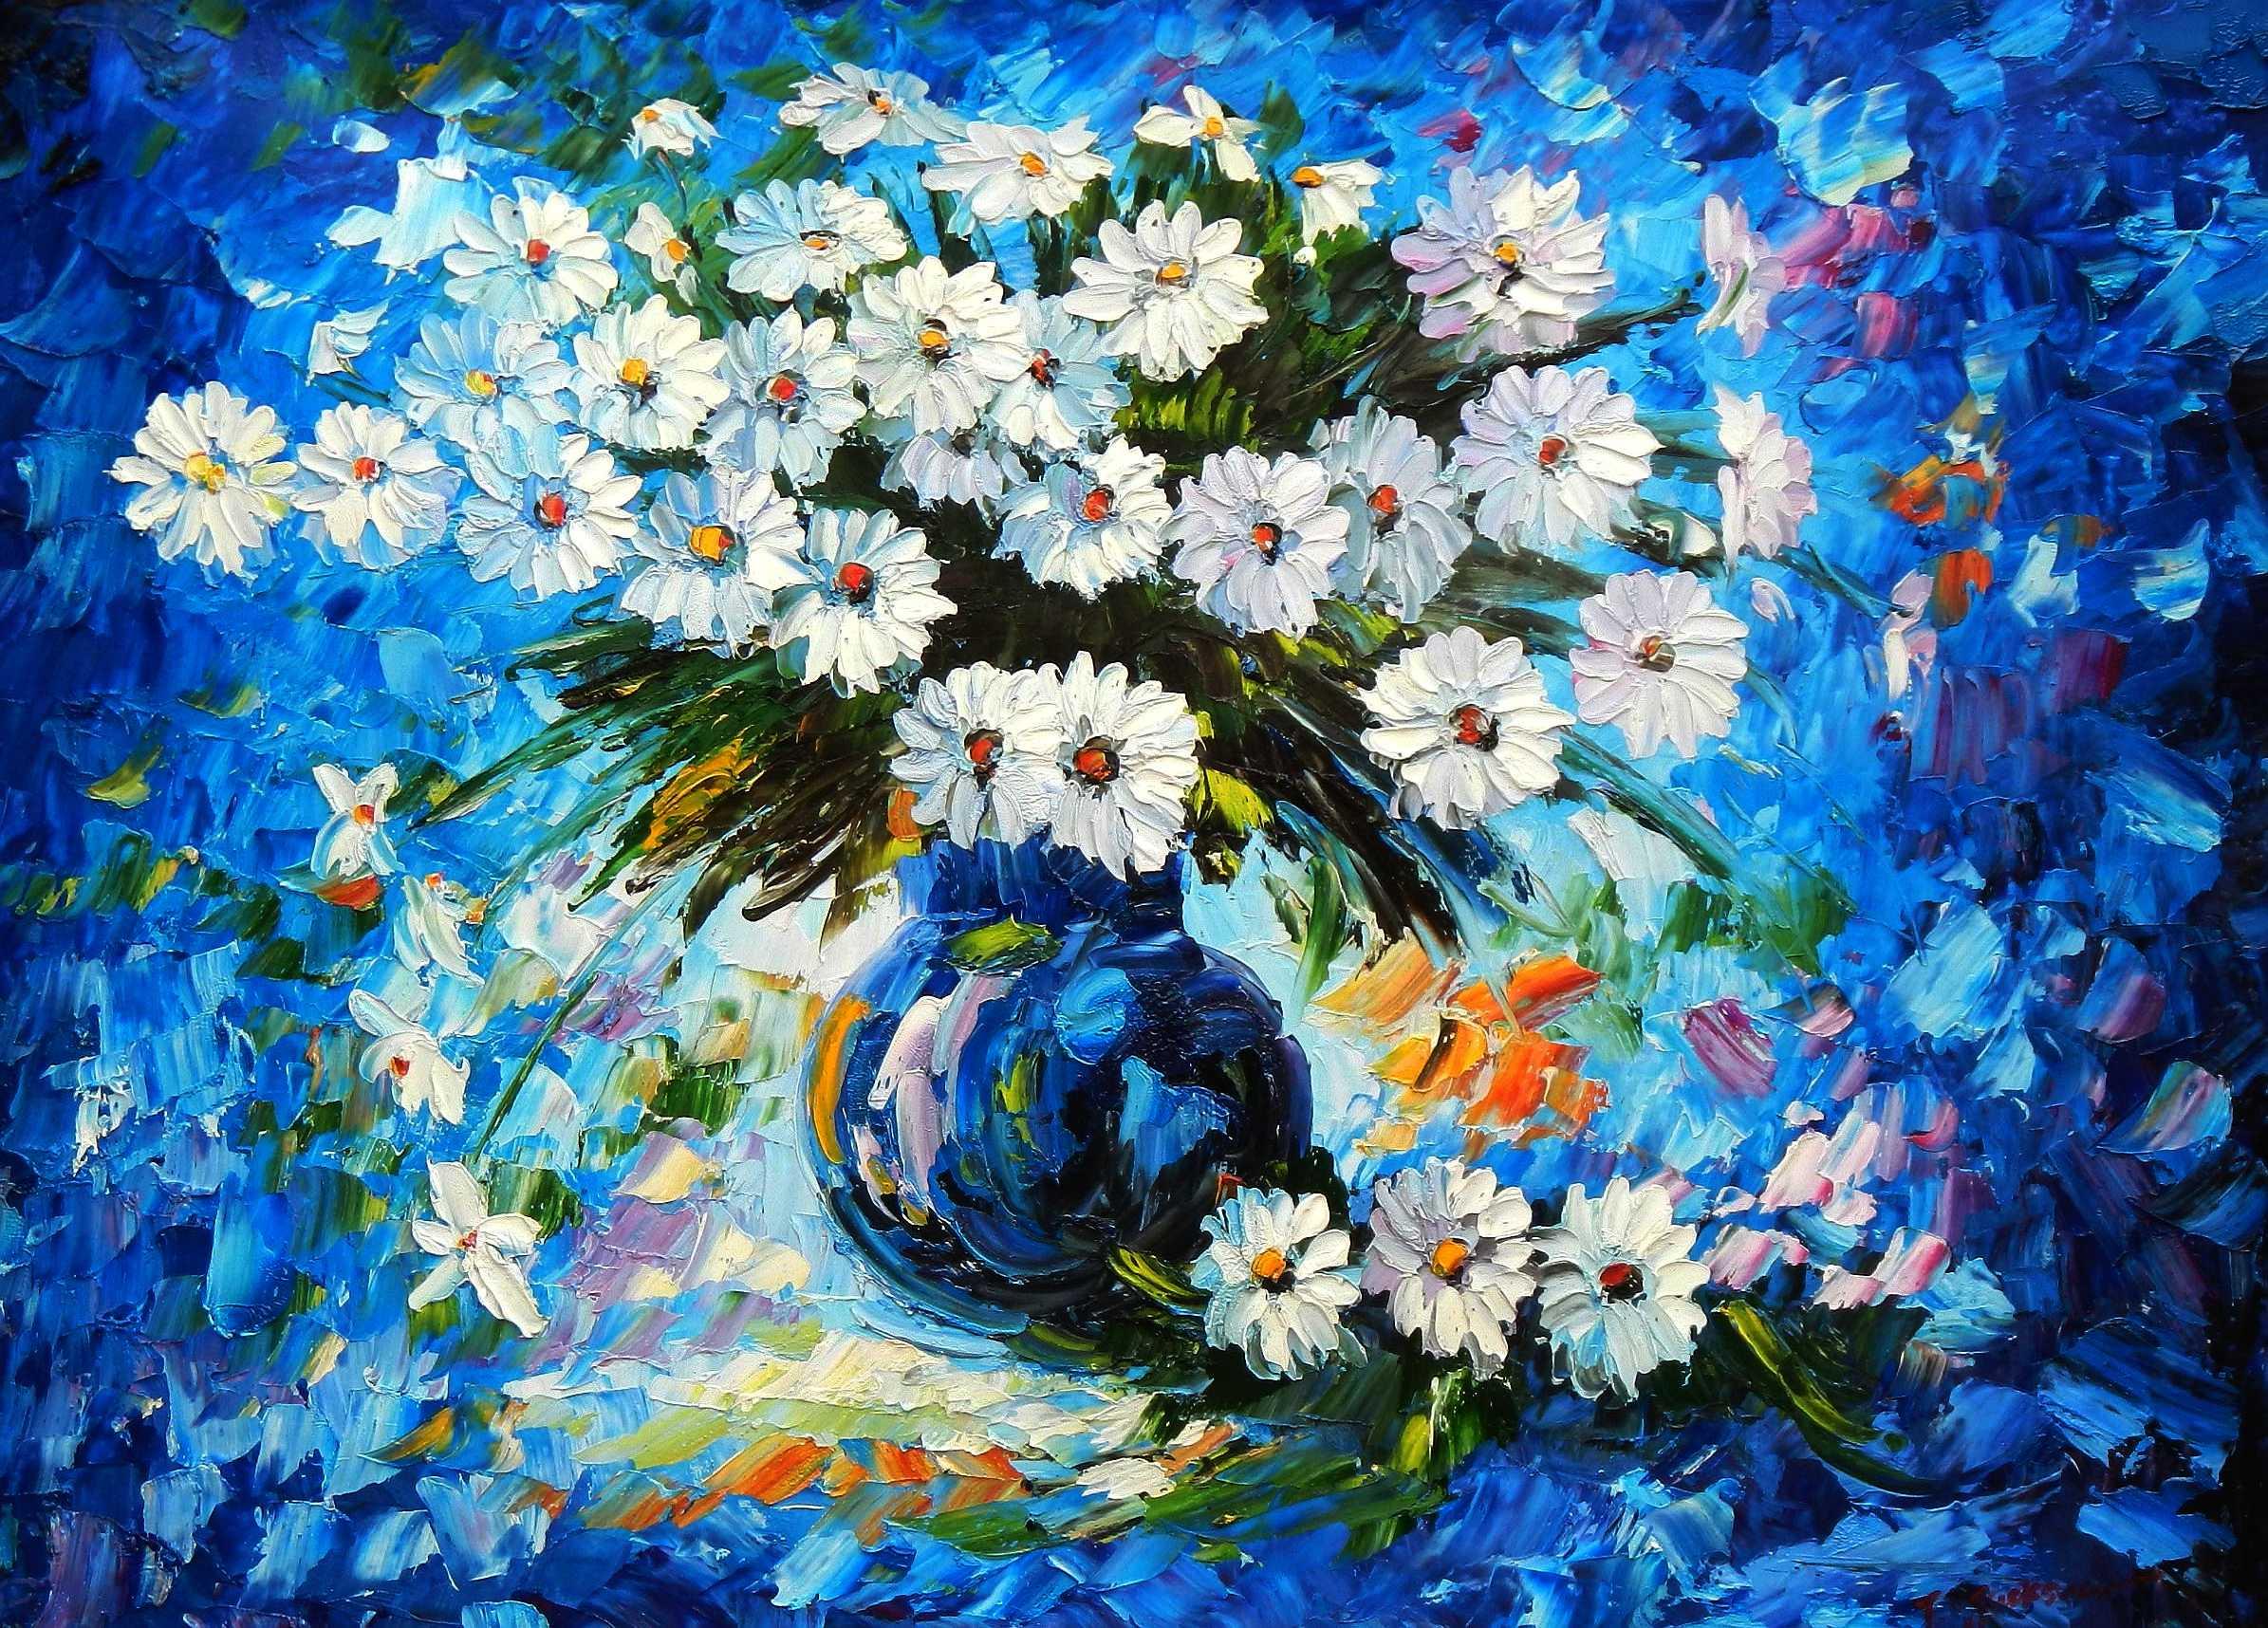 Modern Abstrakt - Vase mit bunten Blumen i95921 80x110cm abstraktes Ölbild handgemalt